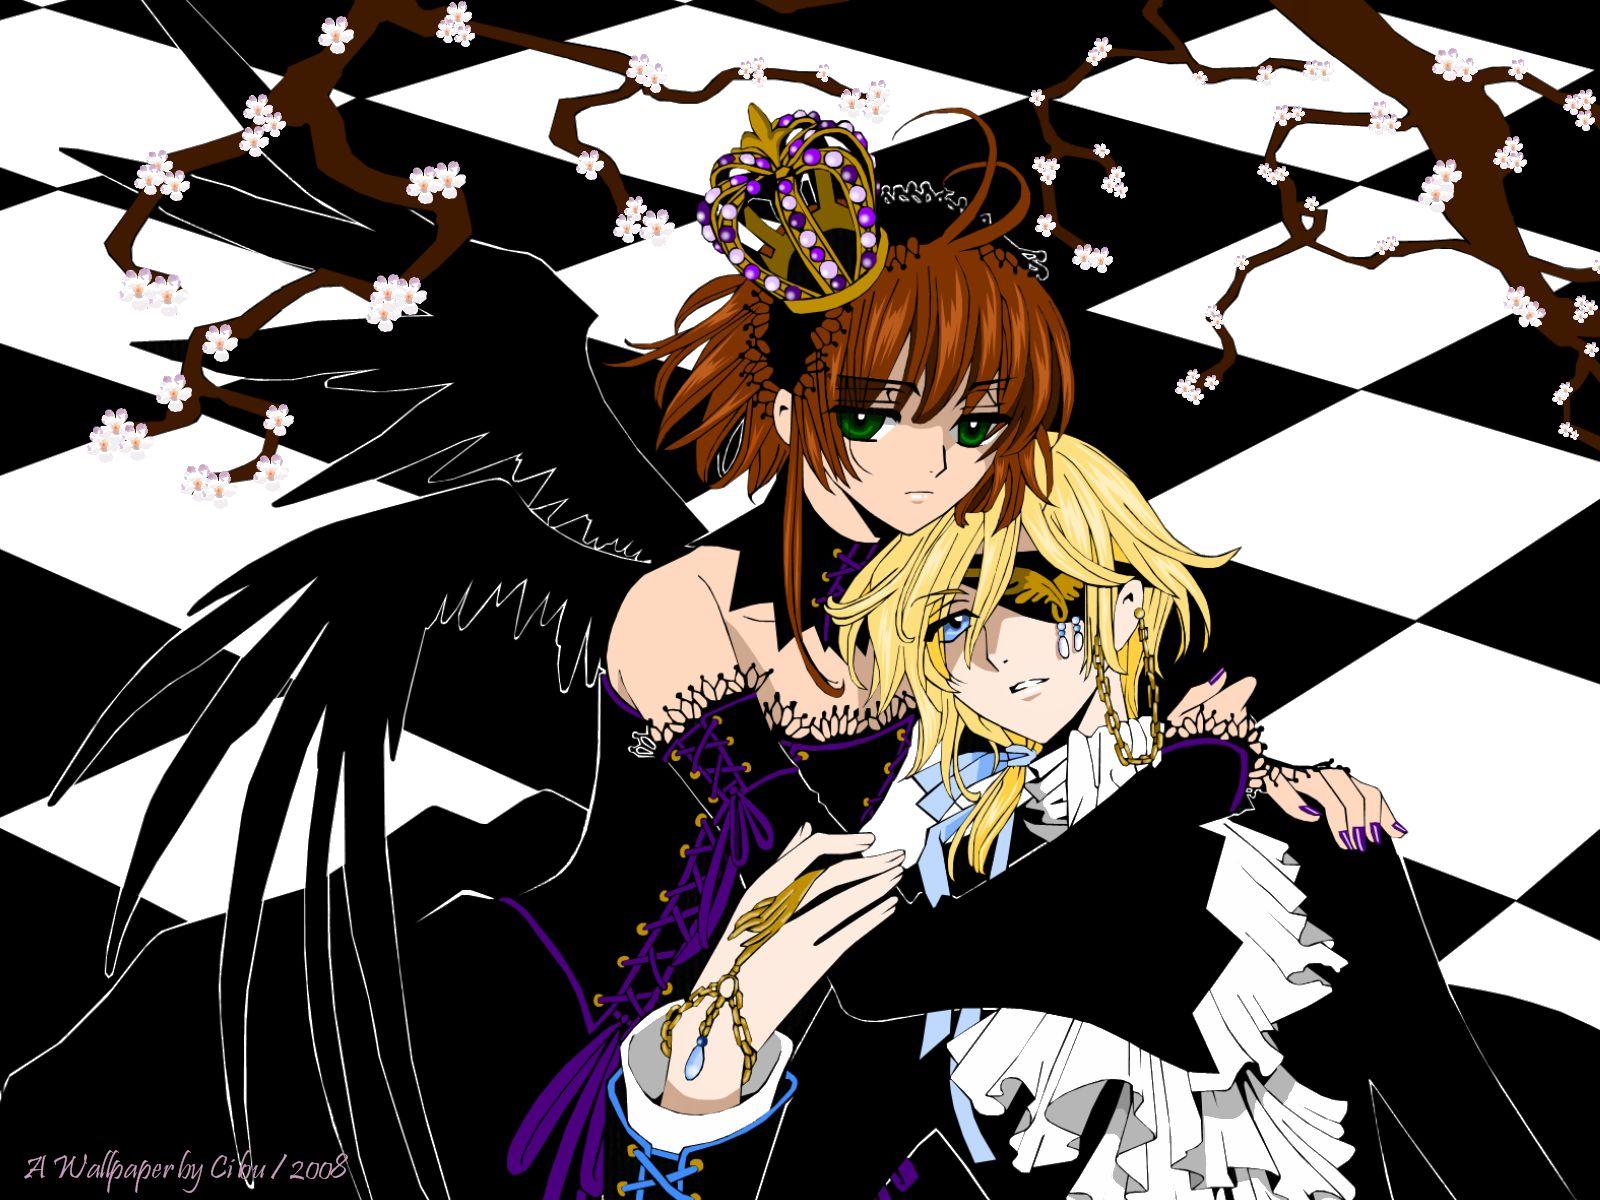 Tranh anime cô công chúa tóc nâu